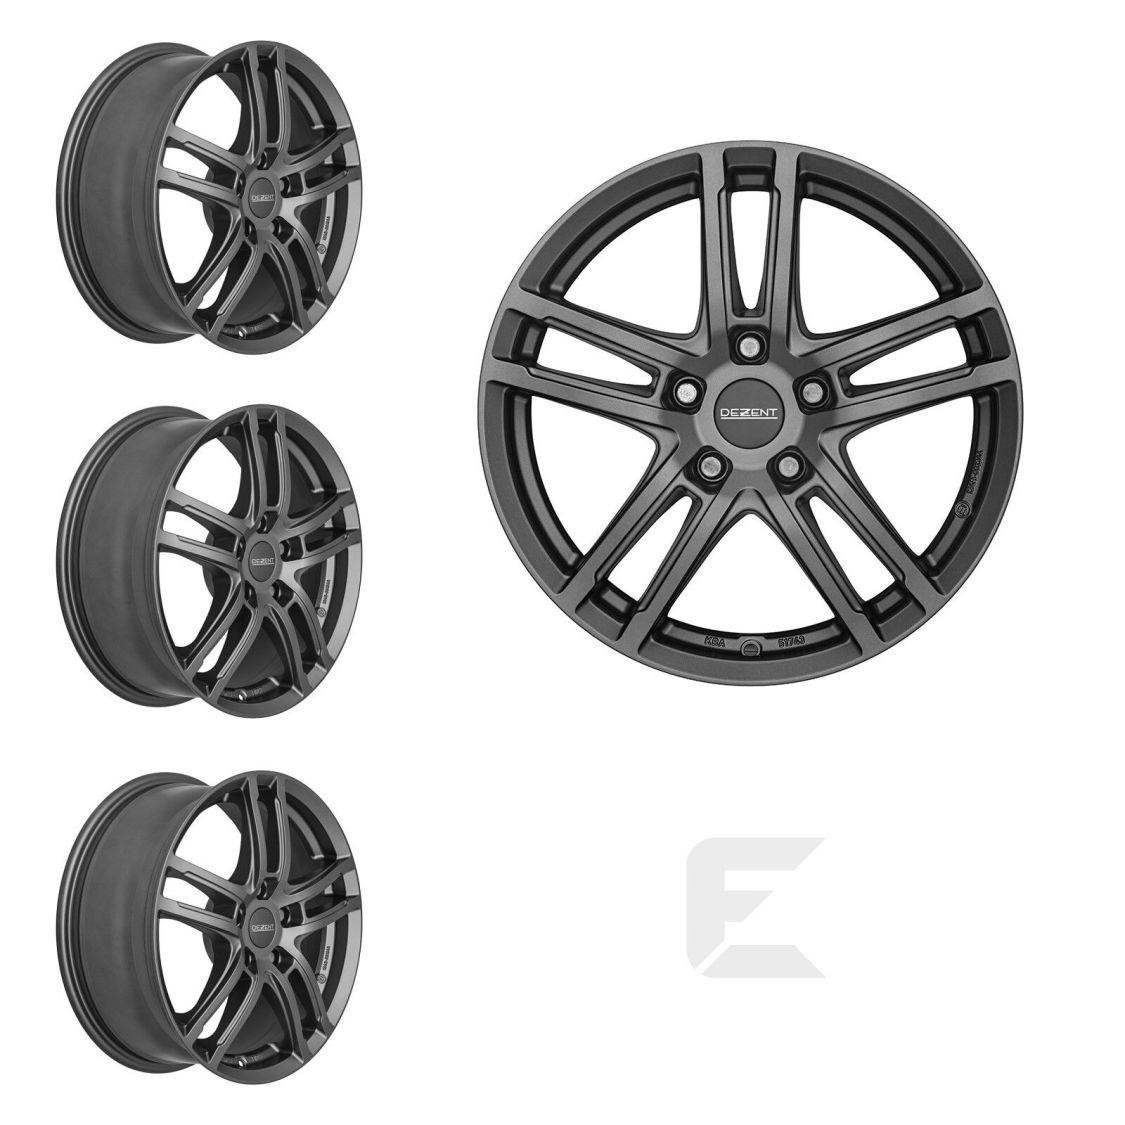 4x 16 Zoll Alufelgen für Nissan Leaf / Dezent TZ graphite (B-84029148)